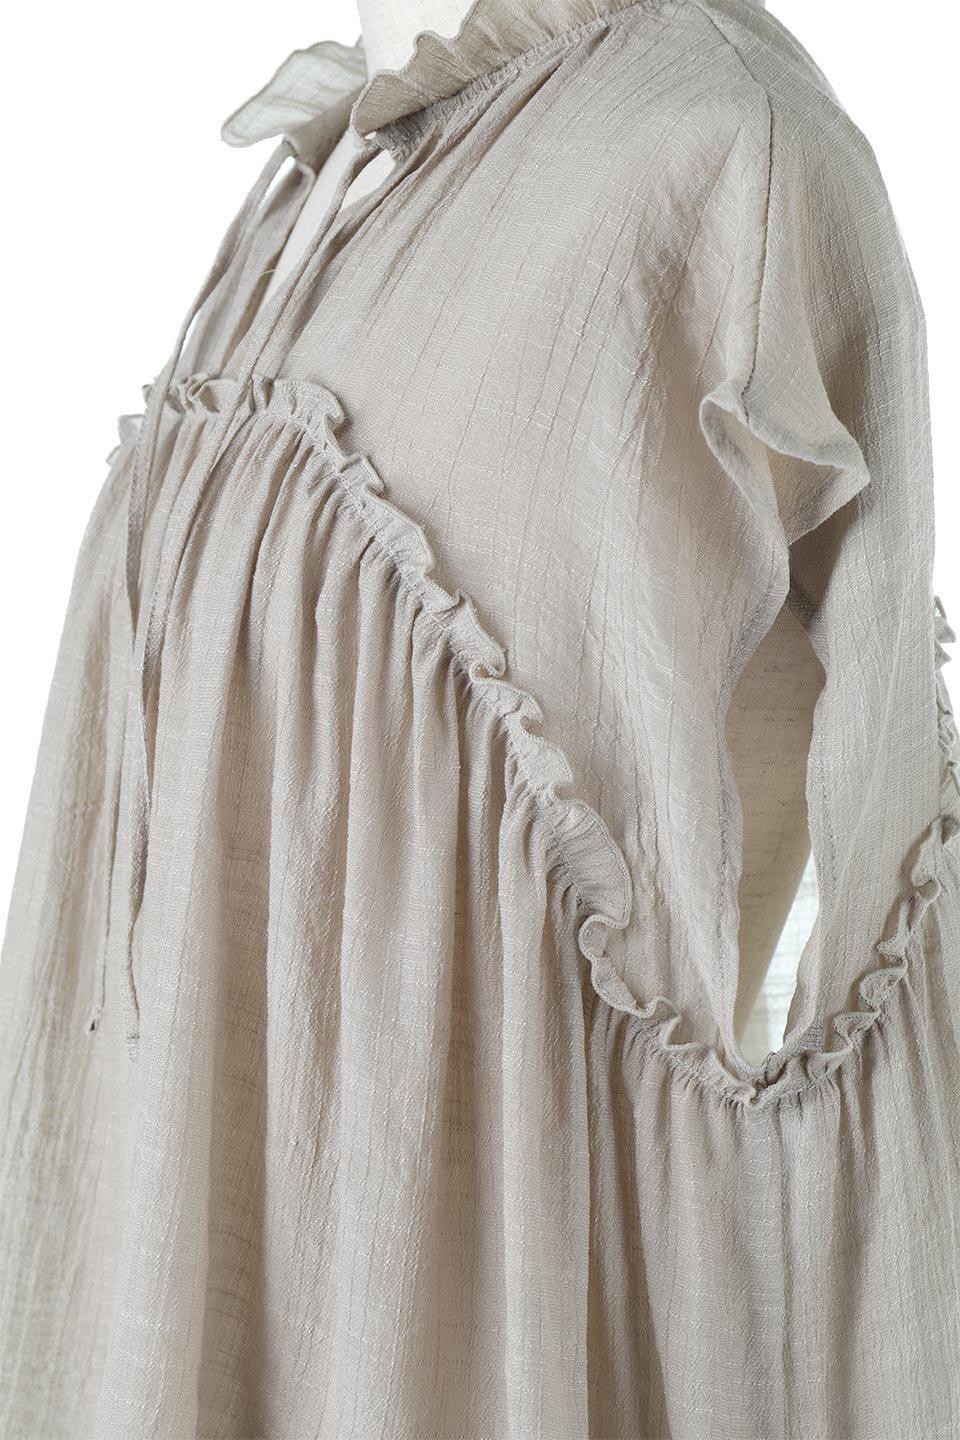 FrenchSleeveGatheredBlouseフレンチスリーブ・ギャザーブラウス大人カジュアルに最適な海外ファッションのothers(その他インポートアイテム)のトップスやシャツ・ブラウス。サラリとした肌触りが心地よいフレンチスリーブのブラウス。シワが気にならないスラブガーゼを使用したアイテムです。/main-19